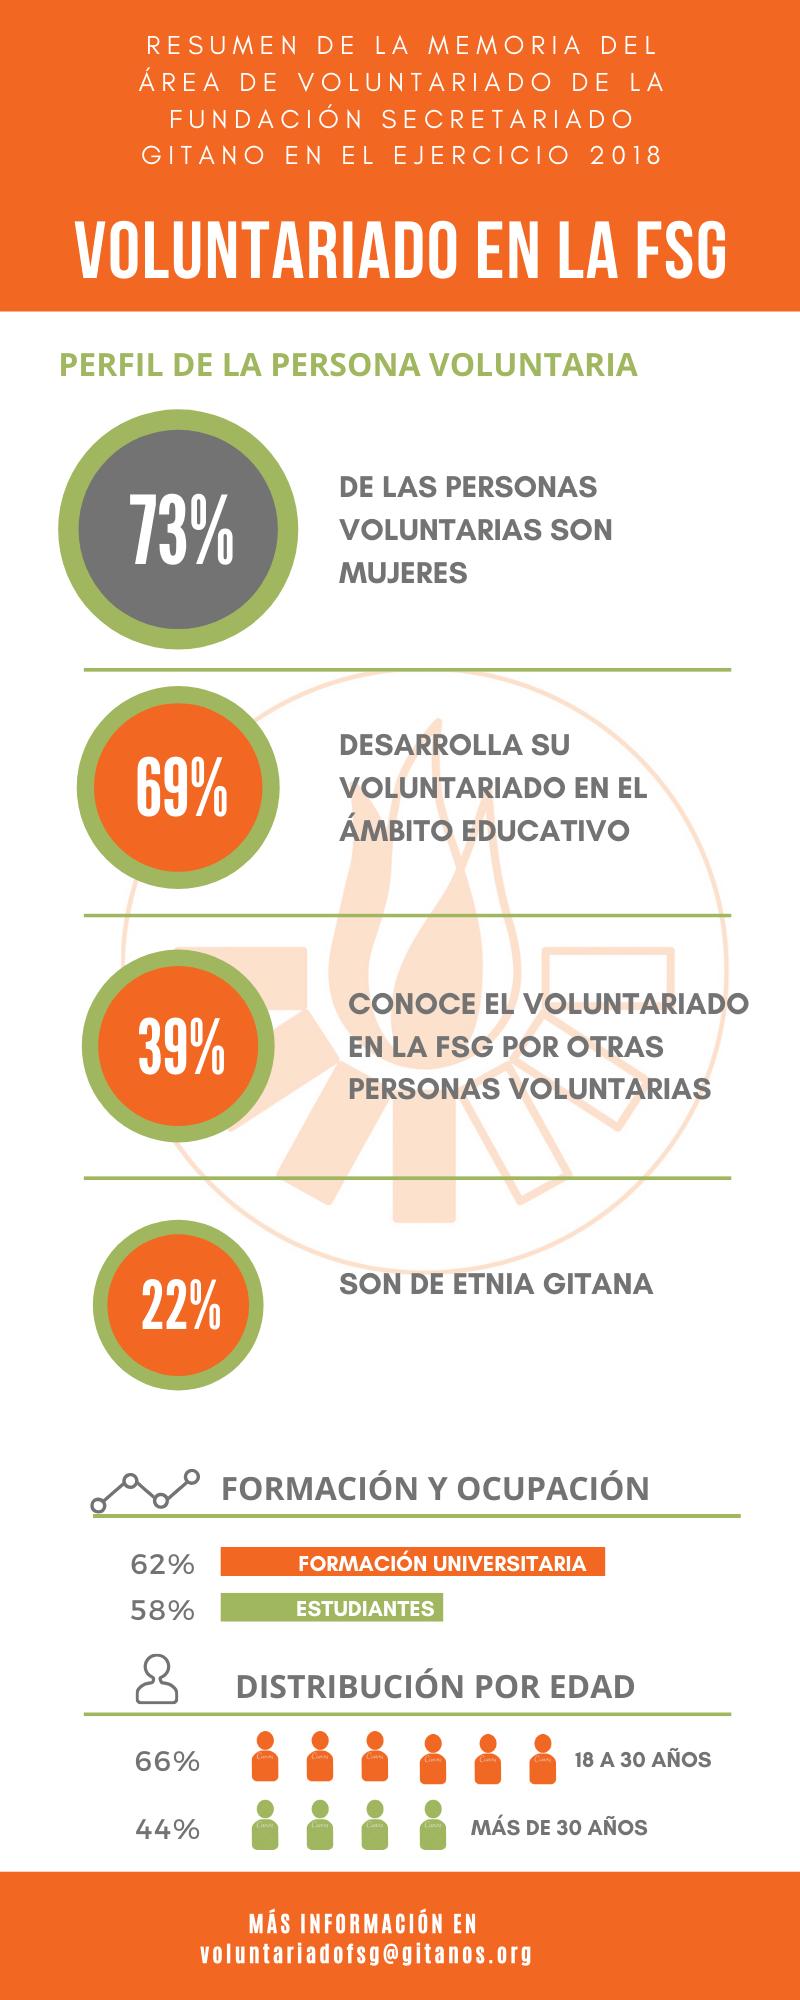 Infografía con los datos obtenidos del programa de voluntariado de la FSG en 2018